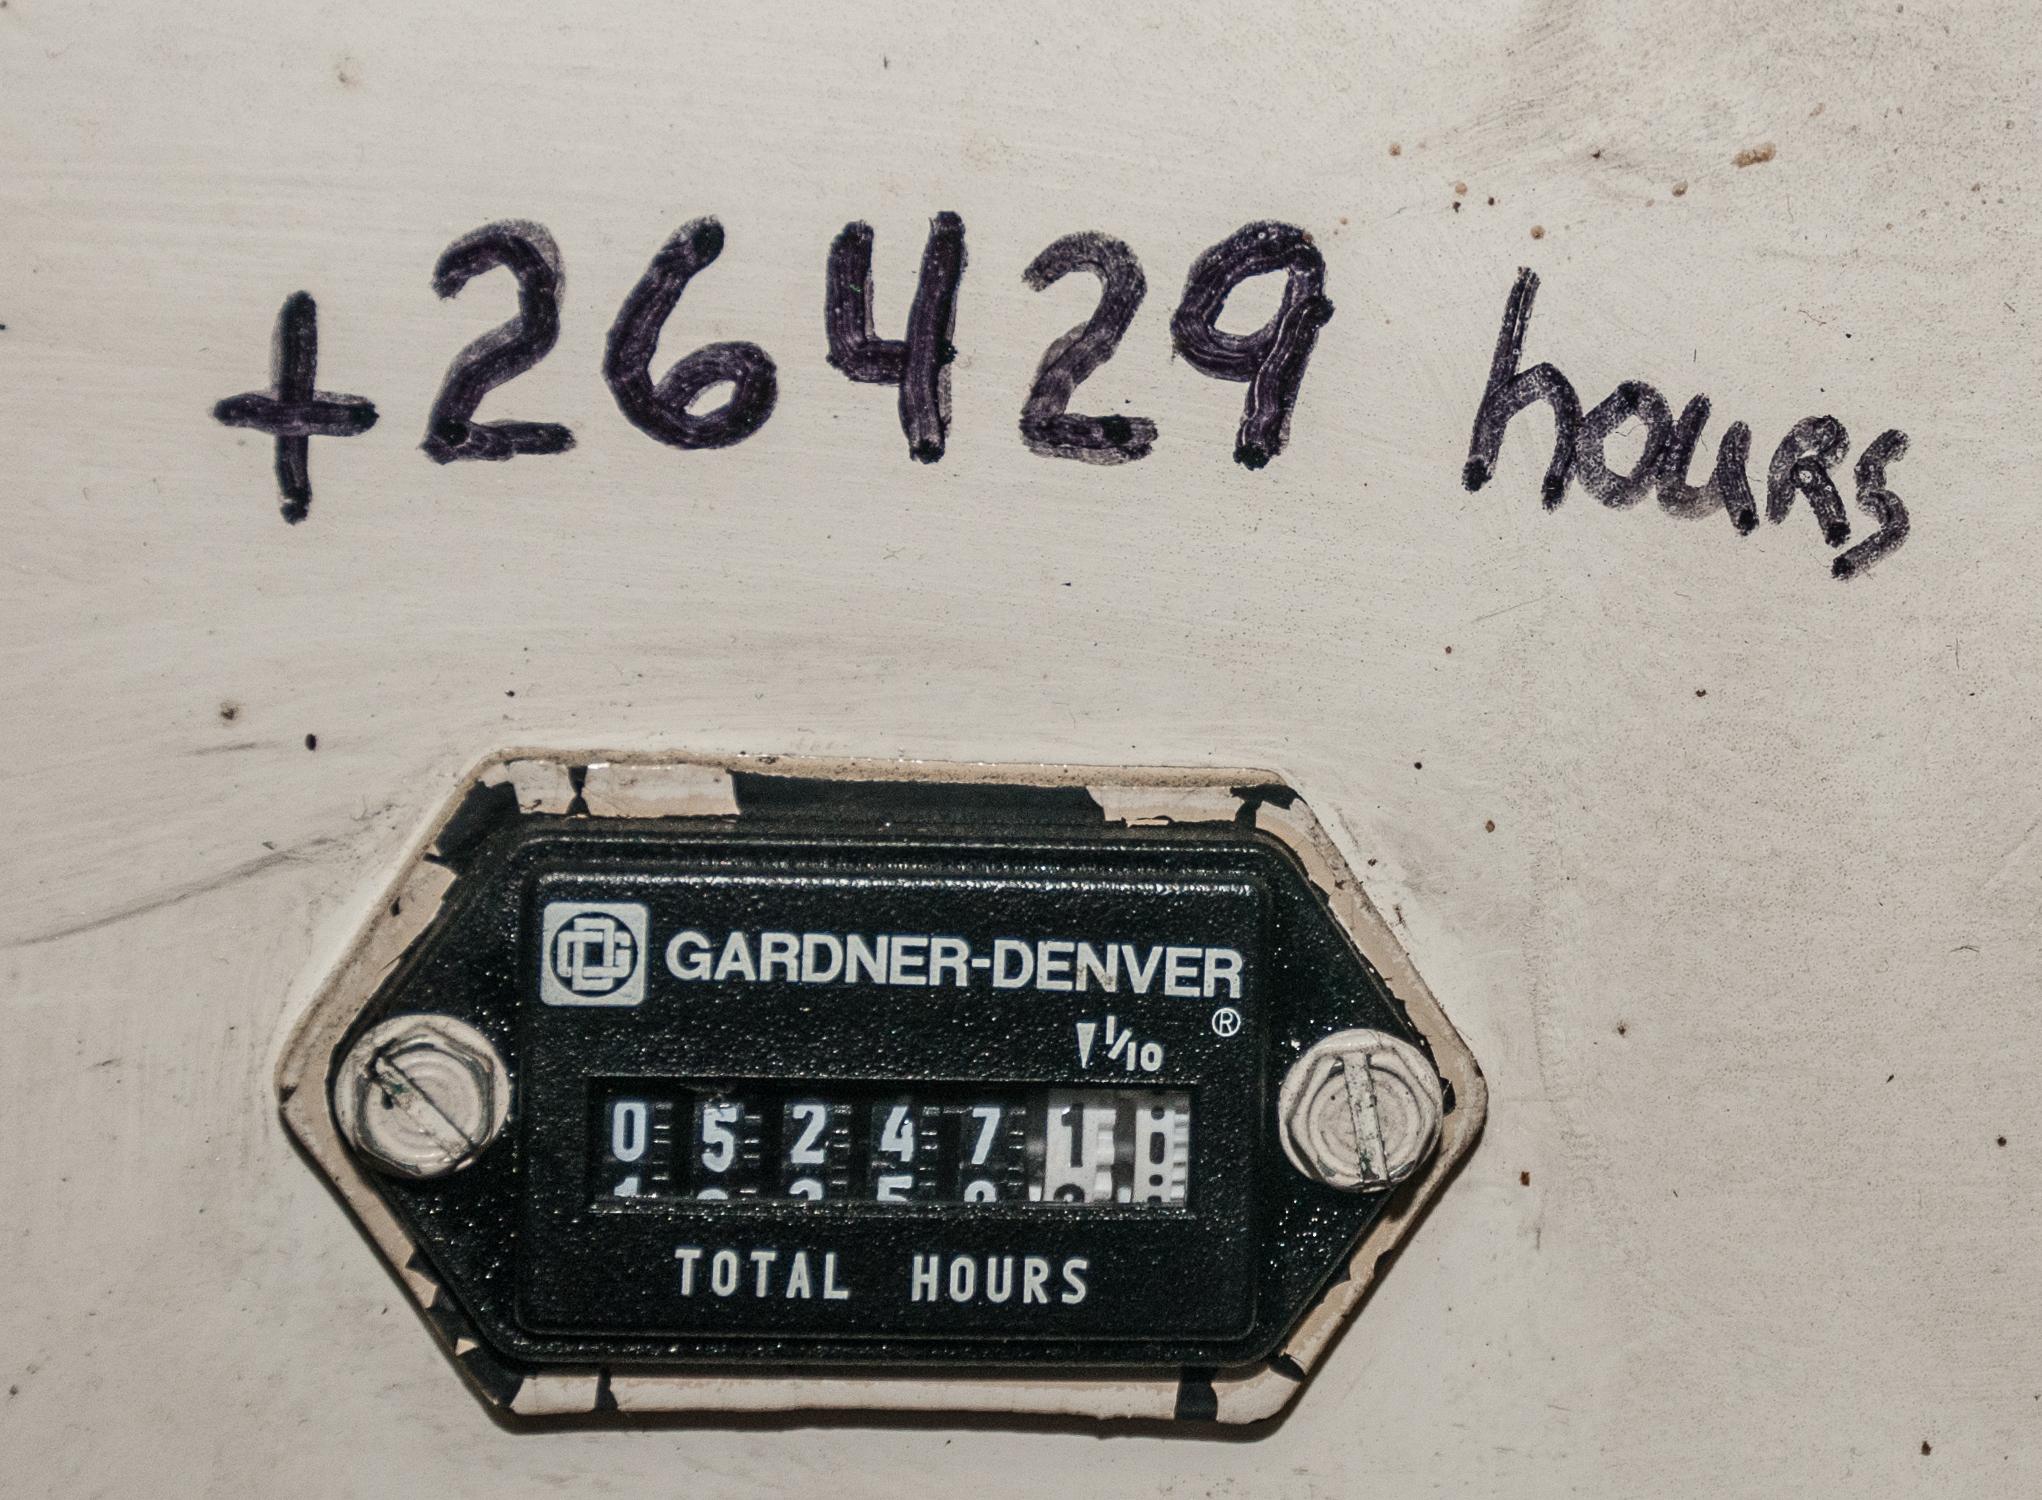 Gardner Denver Electra Screw Air Compressor Mdl. EBE99K23, s/n S033455, 460v, 120 Gal Horizontal - Image 3 of 4